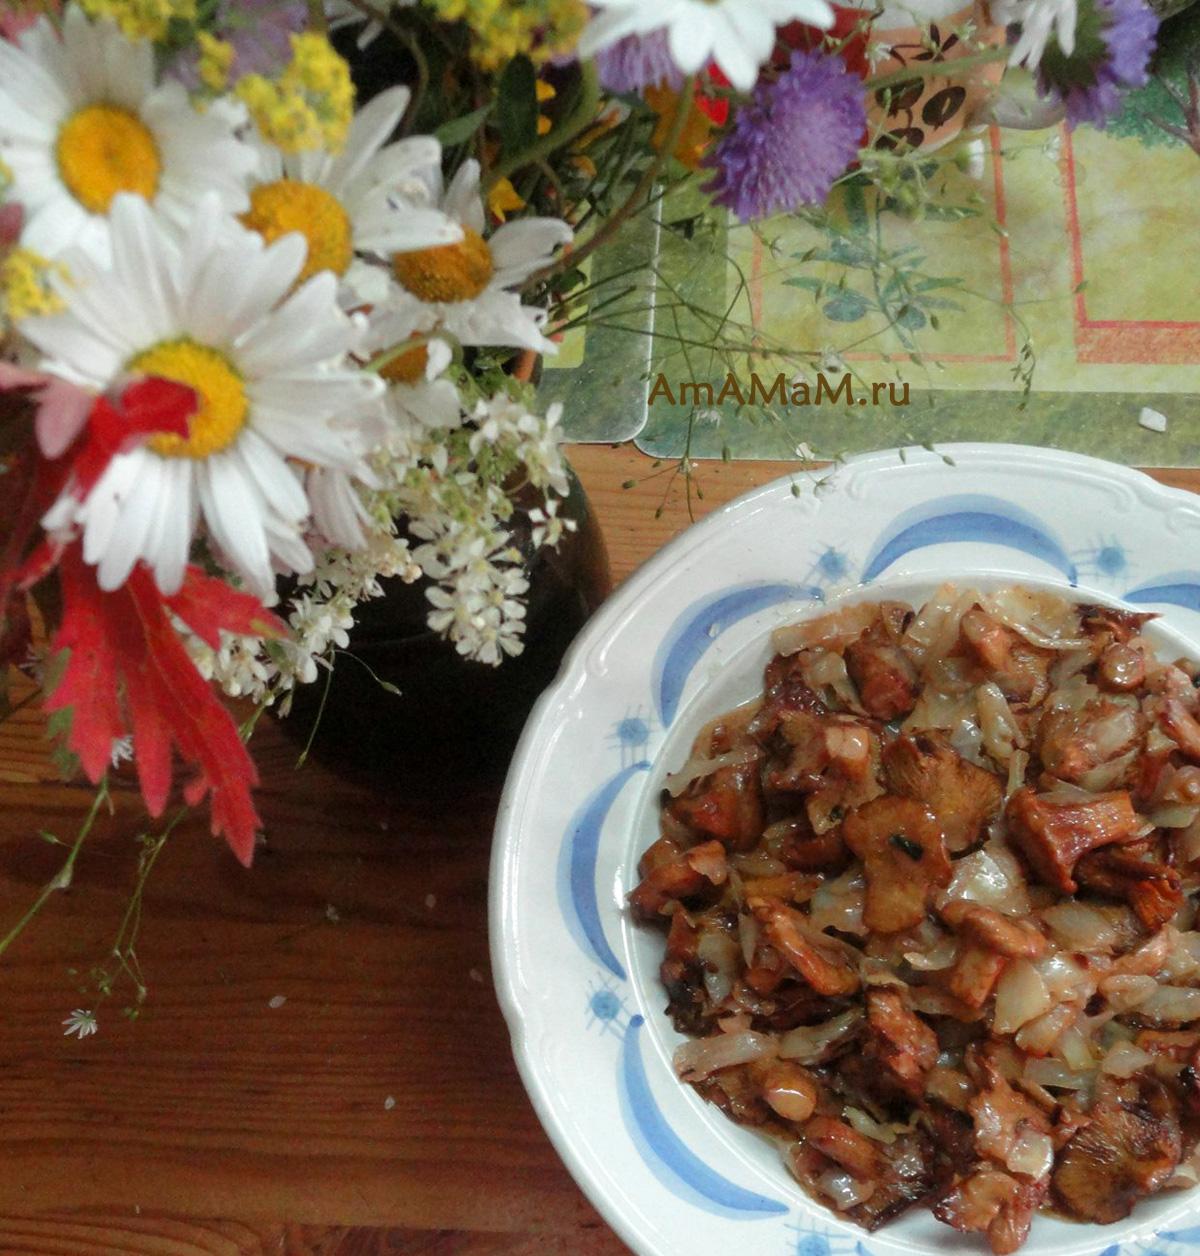 Рецепт жареных лисичек с капустой